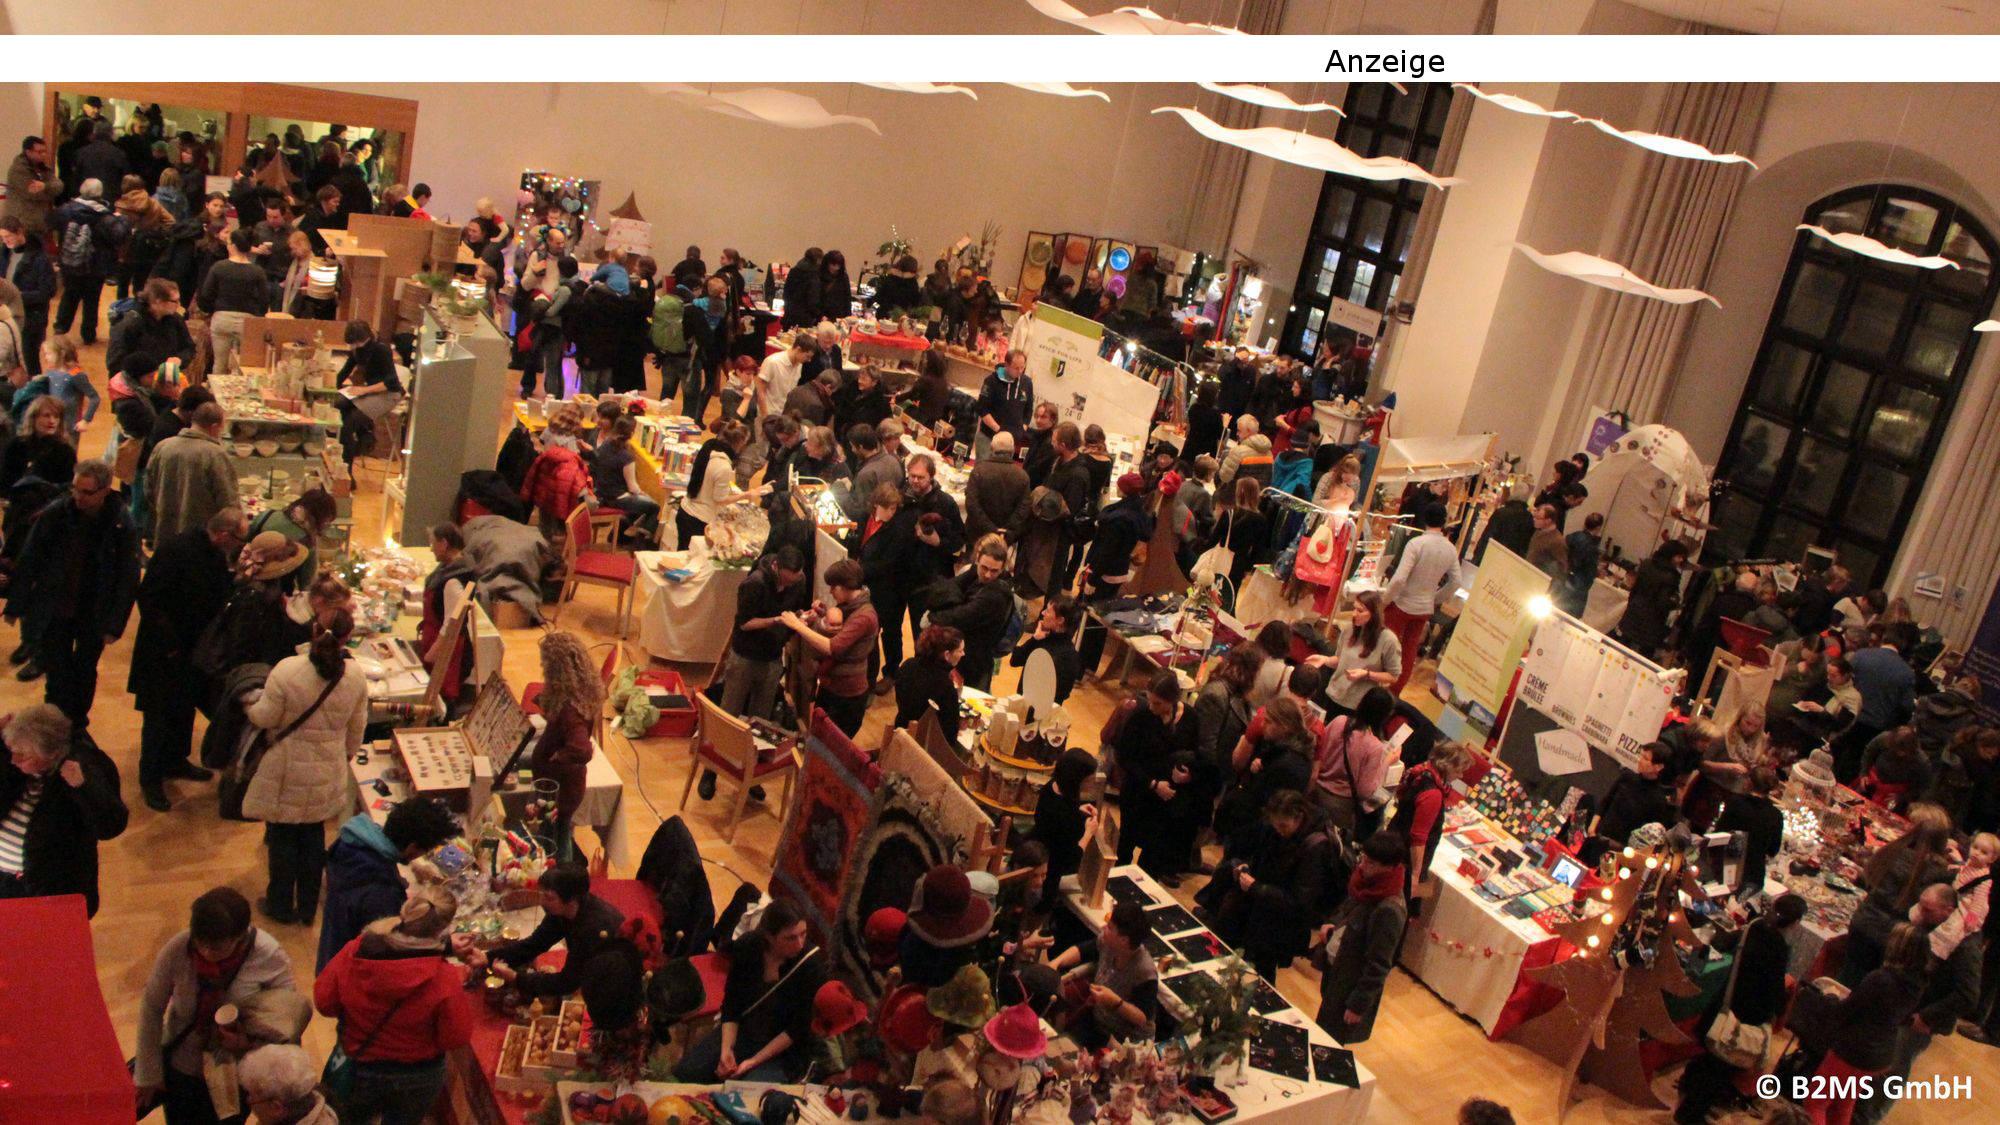 Fairer Weihnachtsmarkt lockt zahlreiche Besucher - Foto: B2MS GmbH